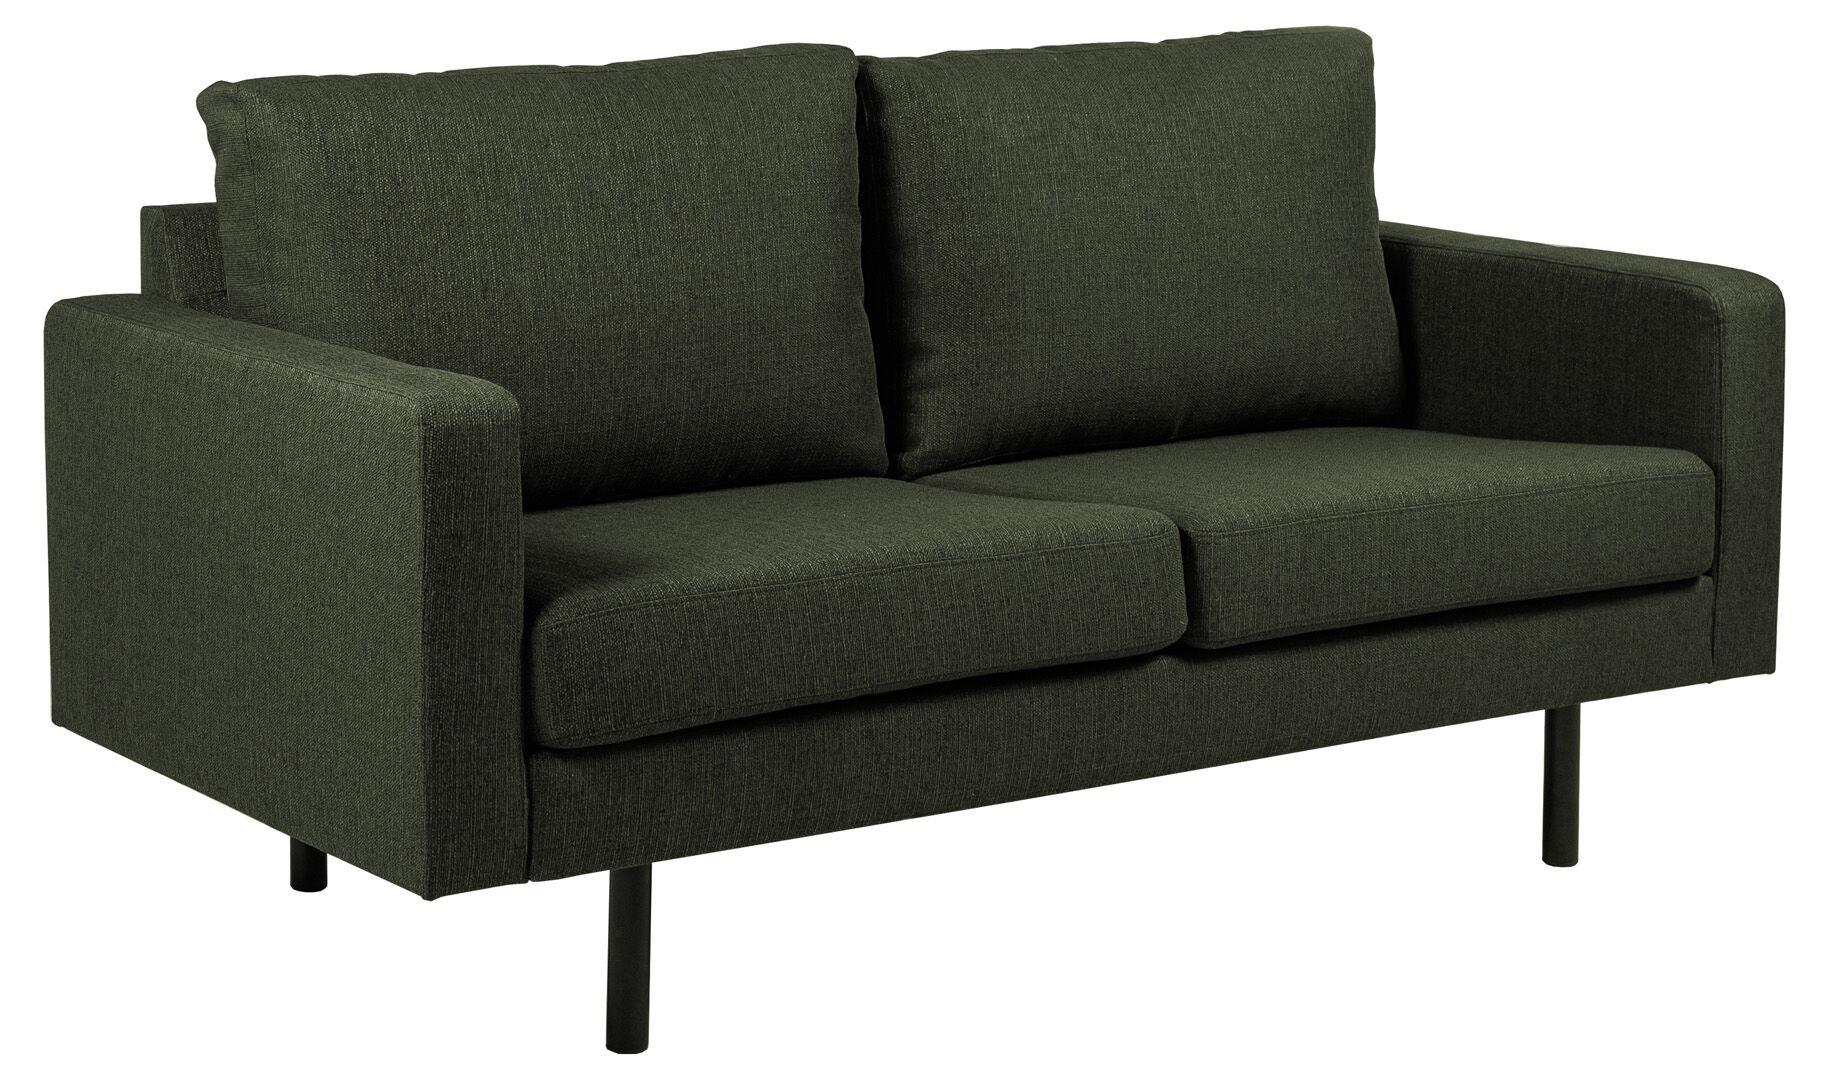 Chicago 2 -seters sofa med ben i svart metall. Grønnflaske